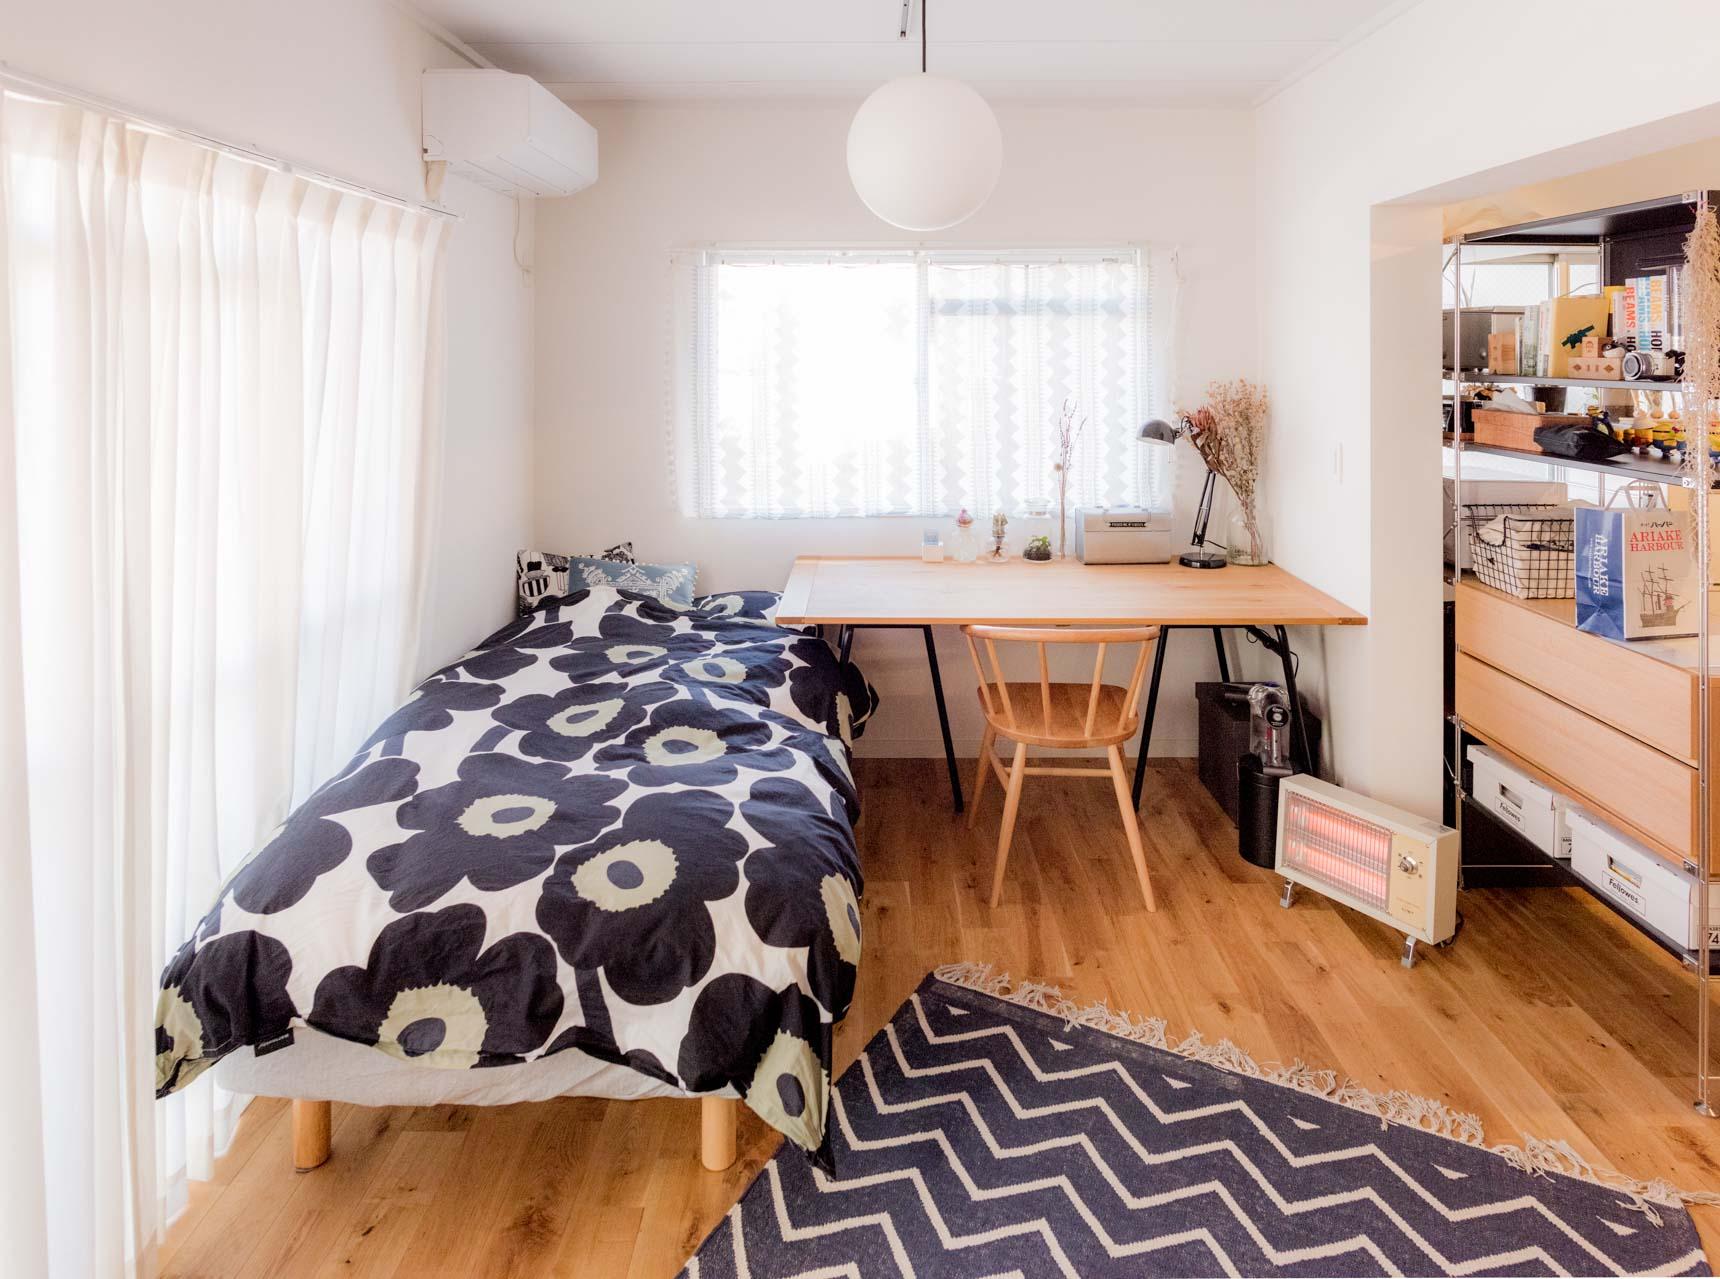 決して広くはない部屋でこれだけ大きなデスクを置いても狭く見えないのは、ベッドと隙間なく配置し、空間を広くつかっているのがポイント。